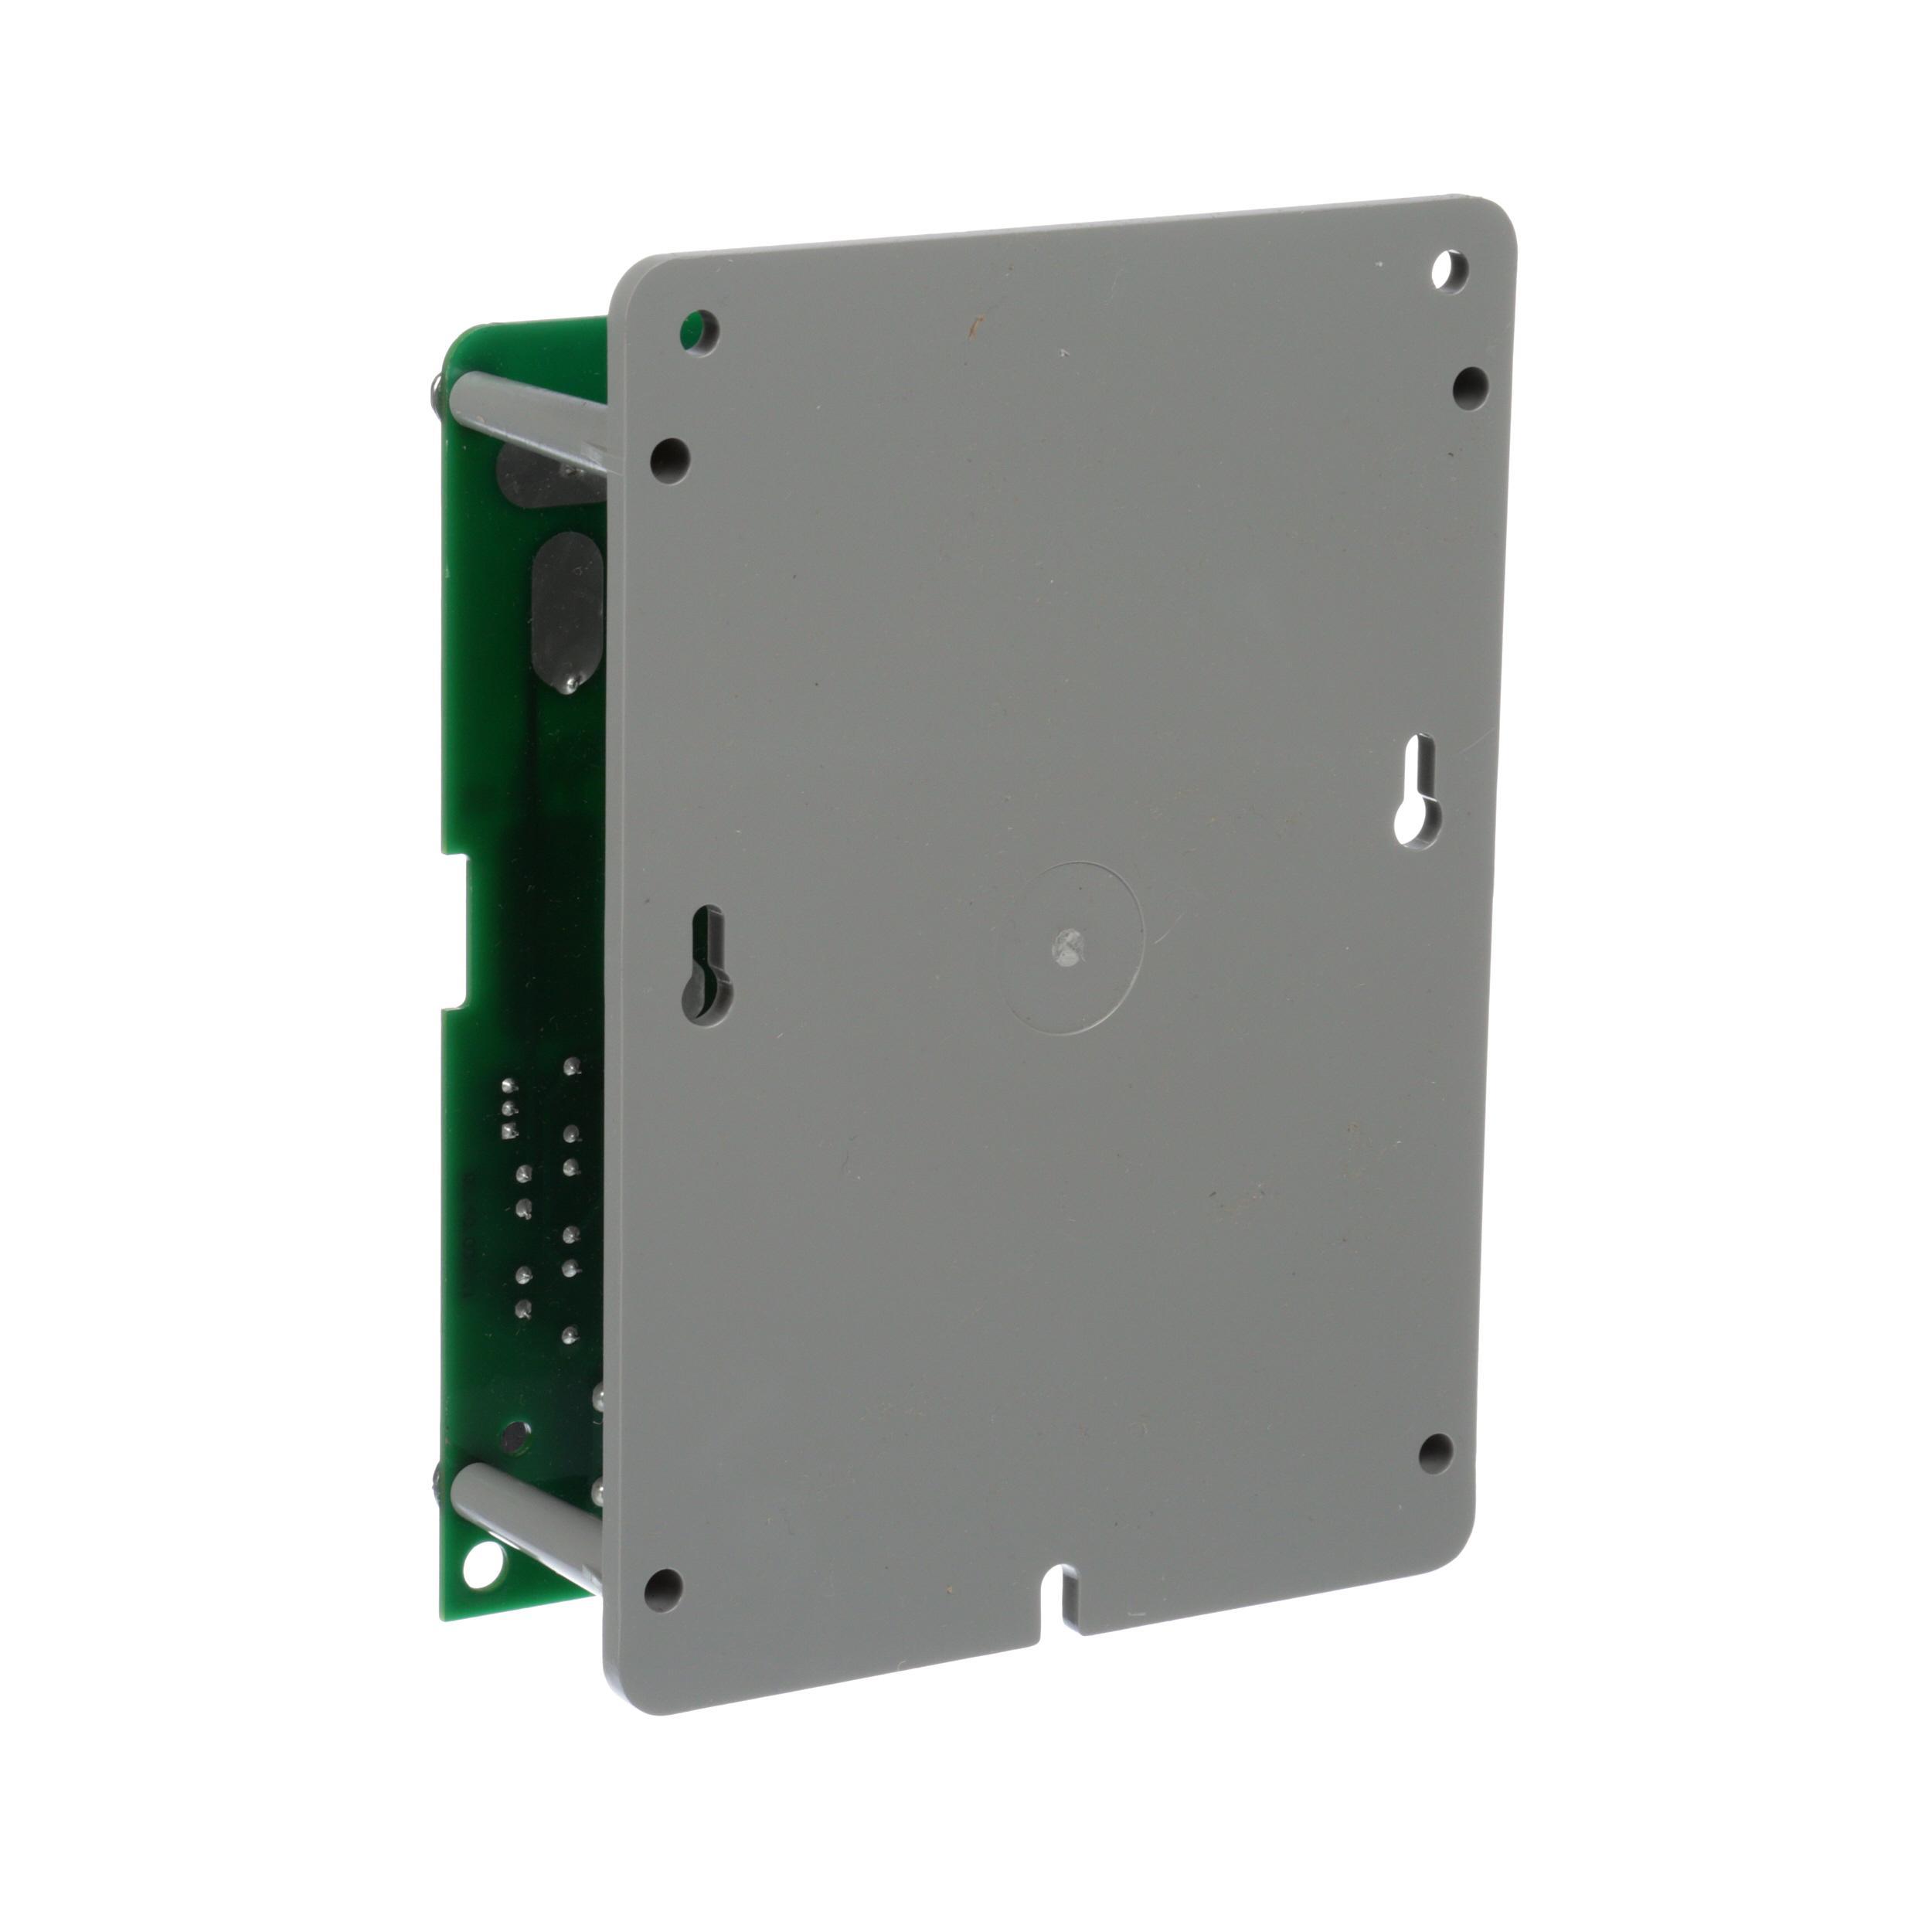 hight resolution of warren immersion heater wiring diagram infrared heater wiring 264863 r01 c09 w 300